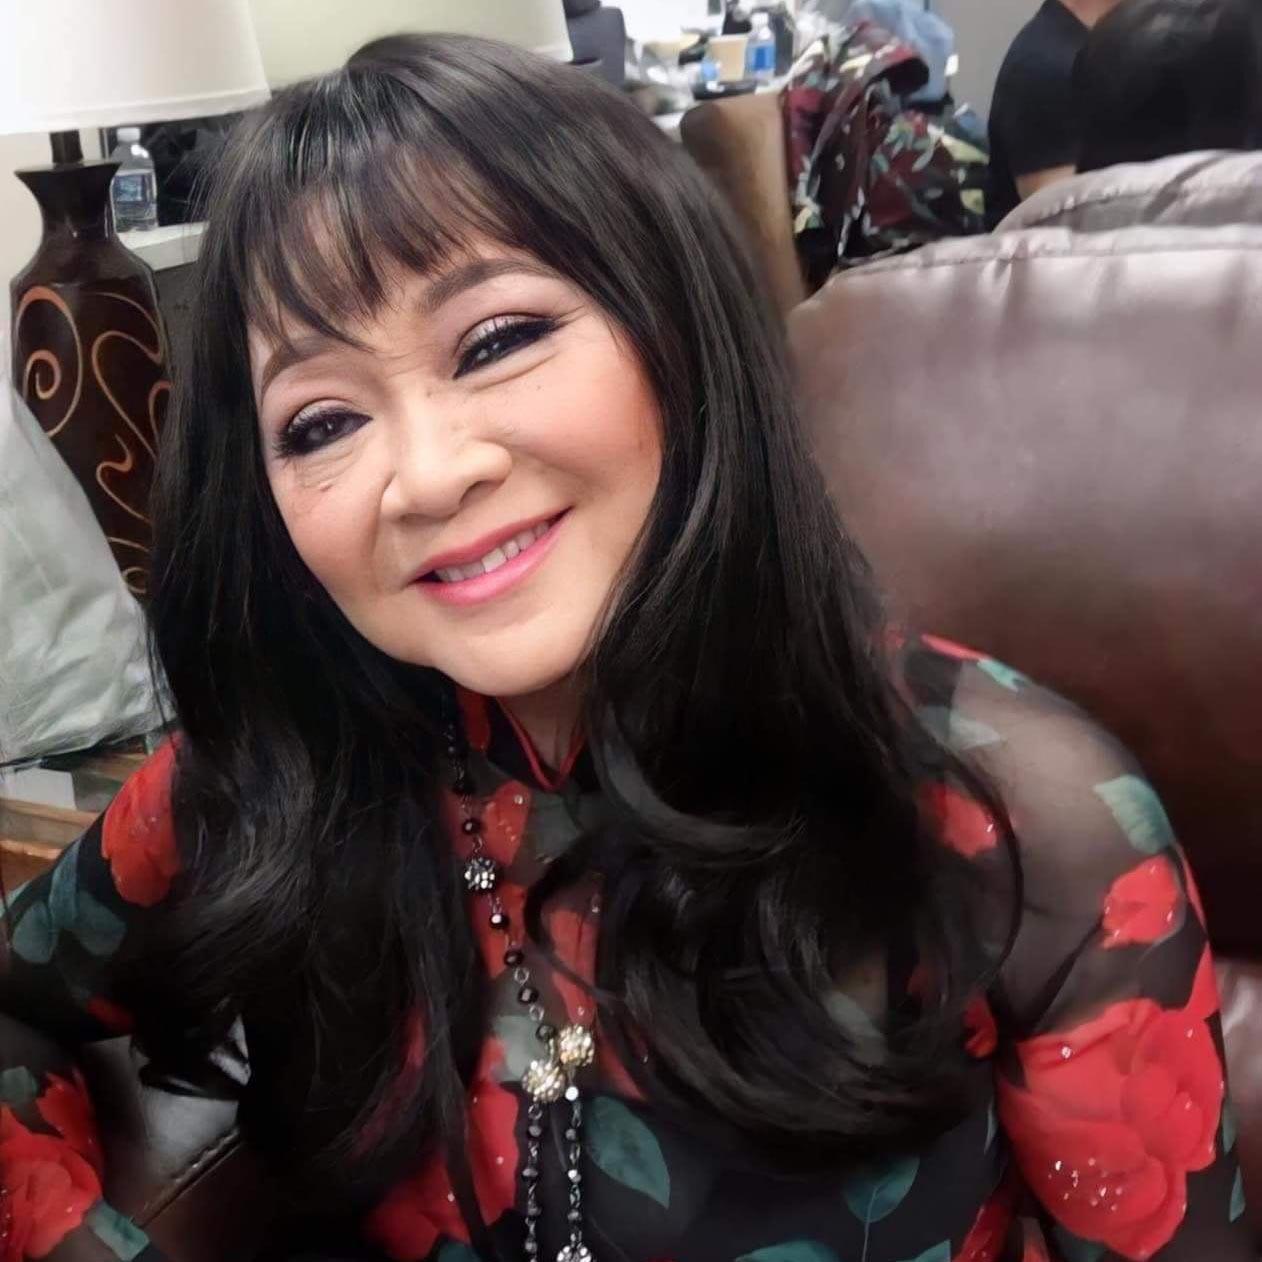 Tuổi 74, danh ca Hoàng Oanh vẫn trẻ đẹp, hạnh phúc bên chồng nhạc sĩ - Ảnh 13.